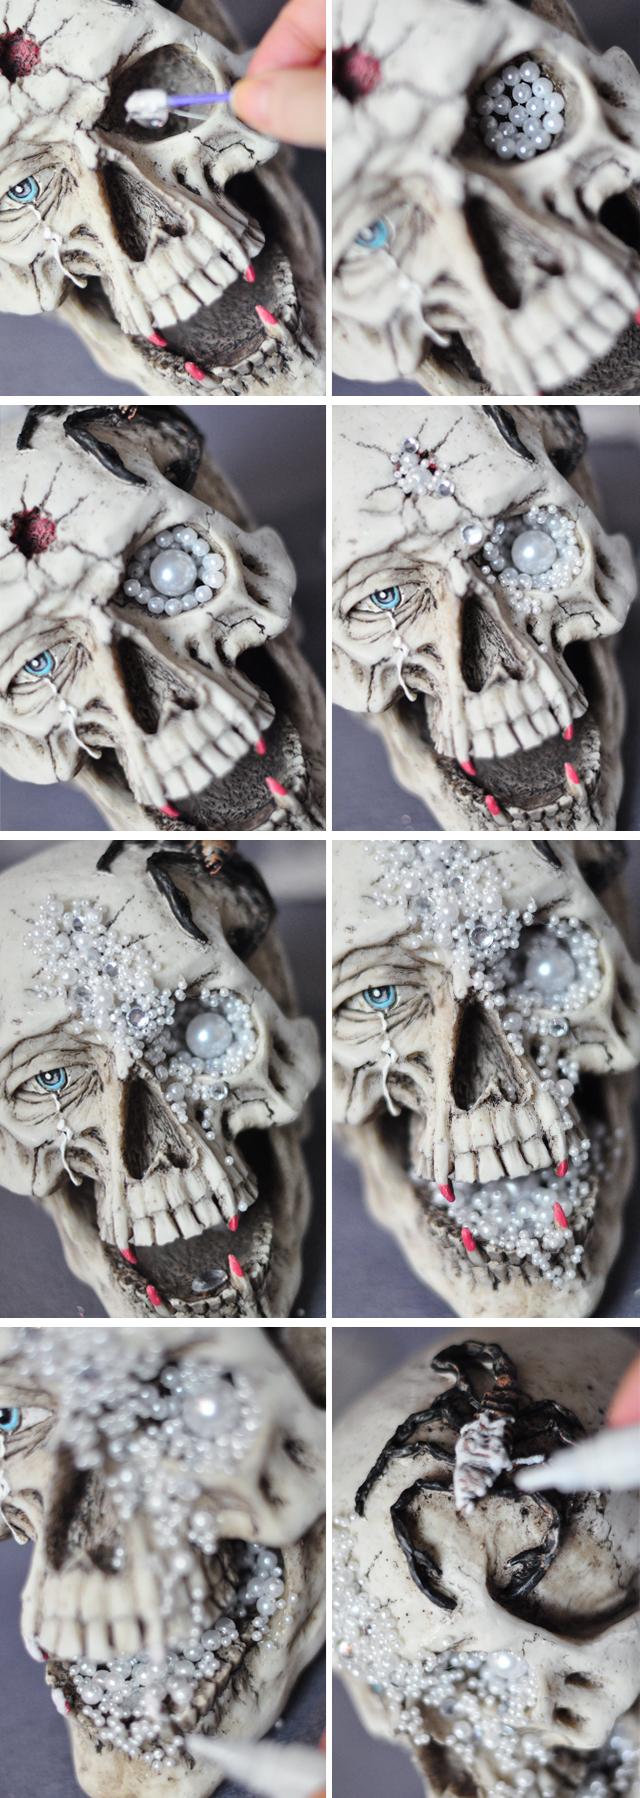 diy-glam-halloween-skull-tutorial